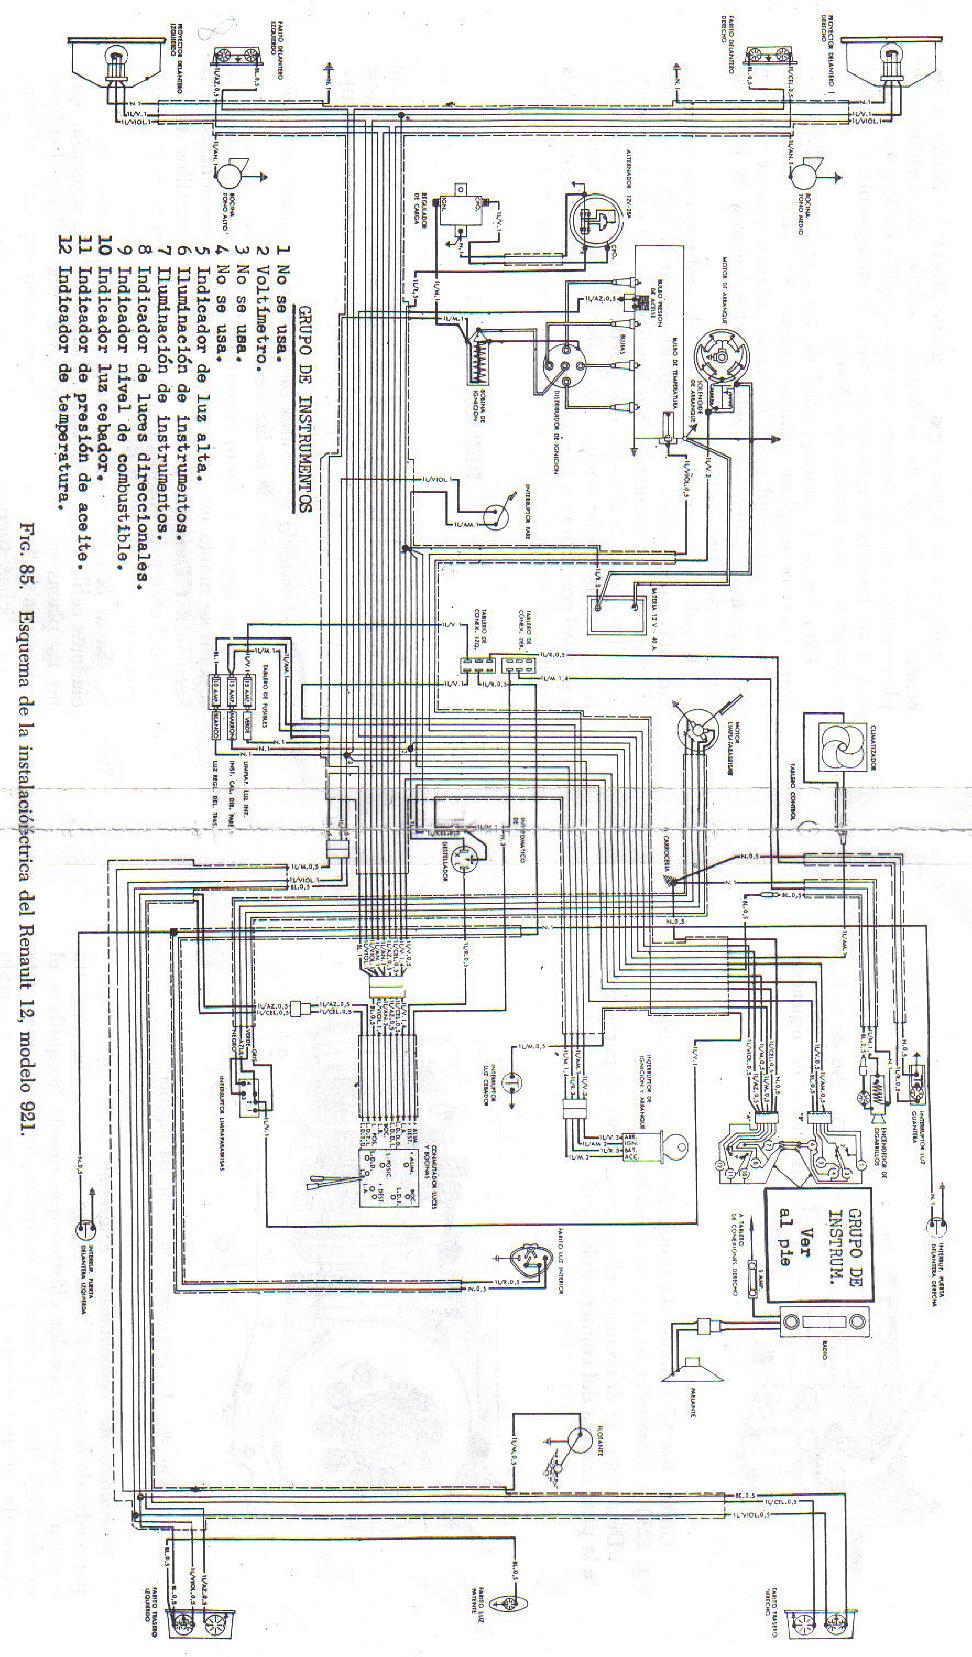 hola necesito el plano electrico del renault 12 mod 1973